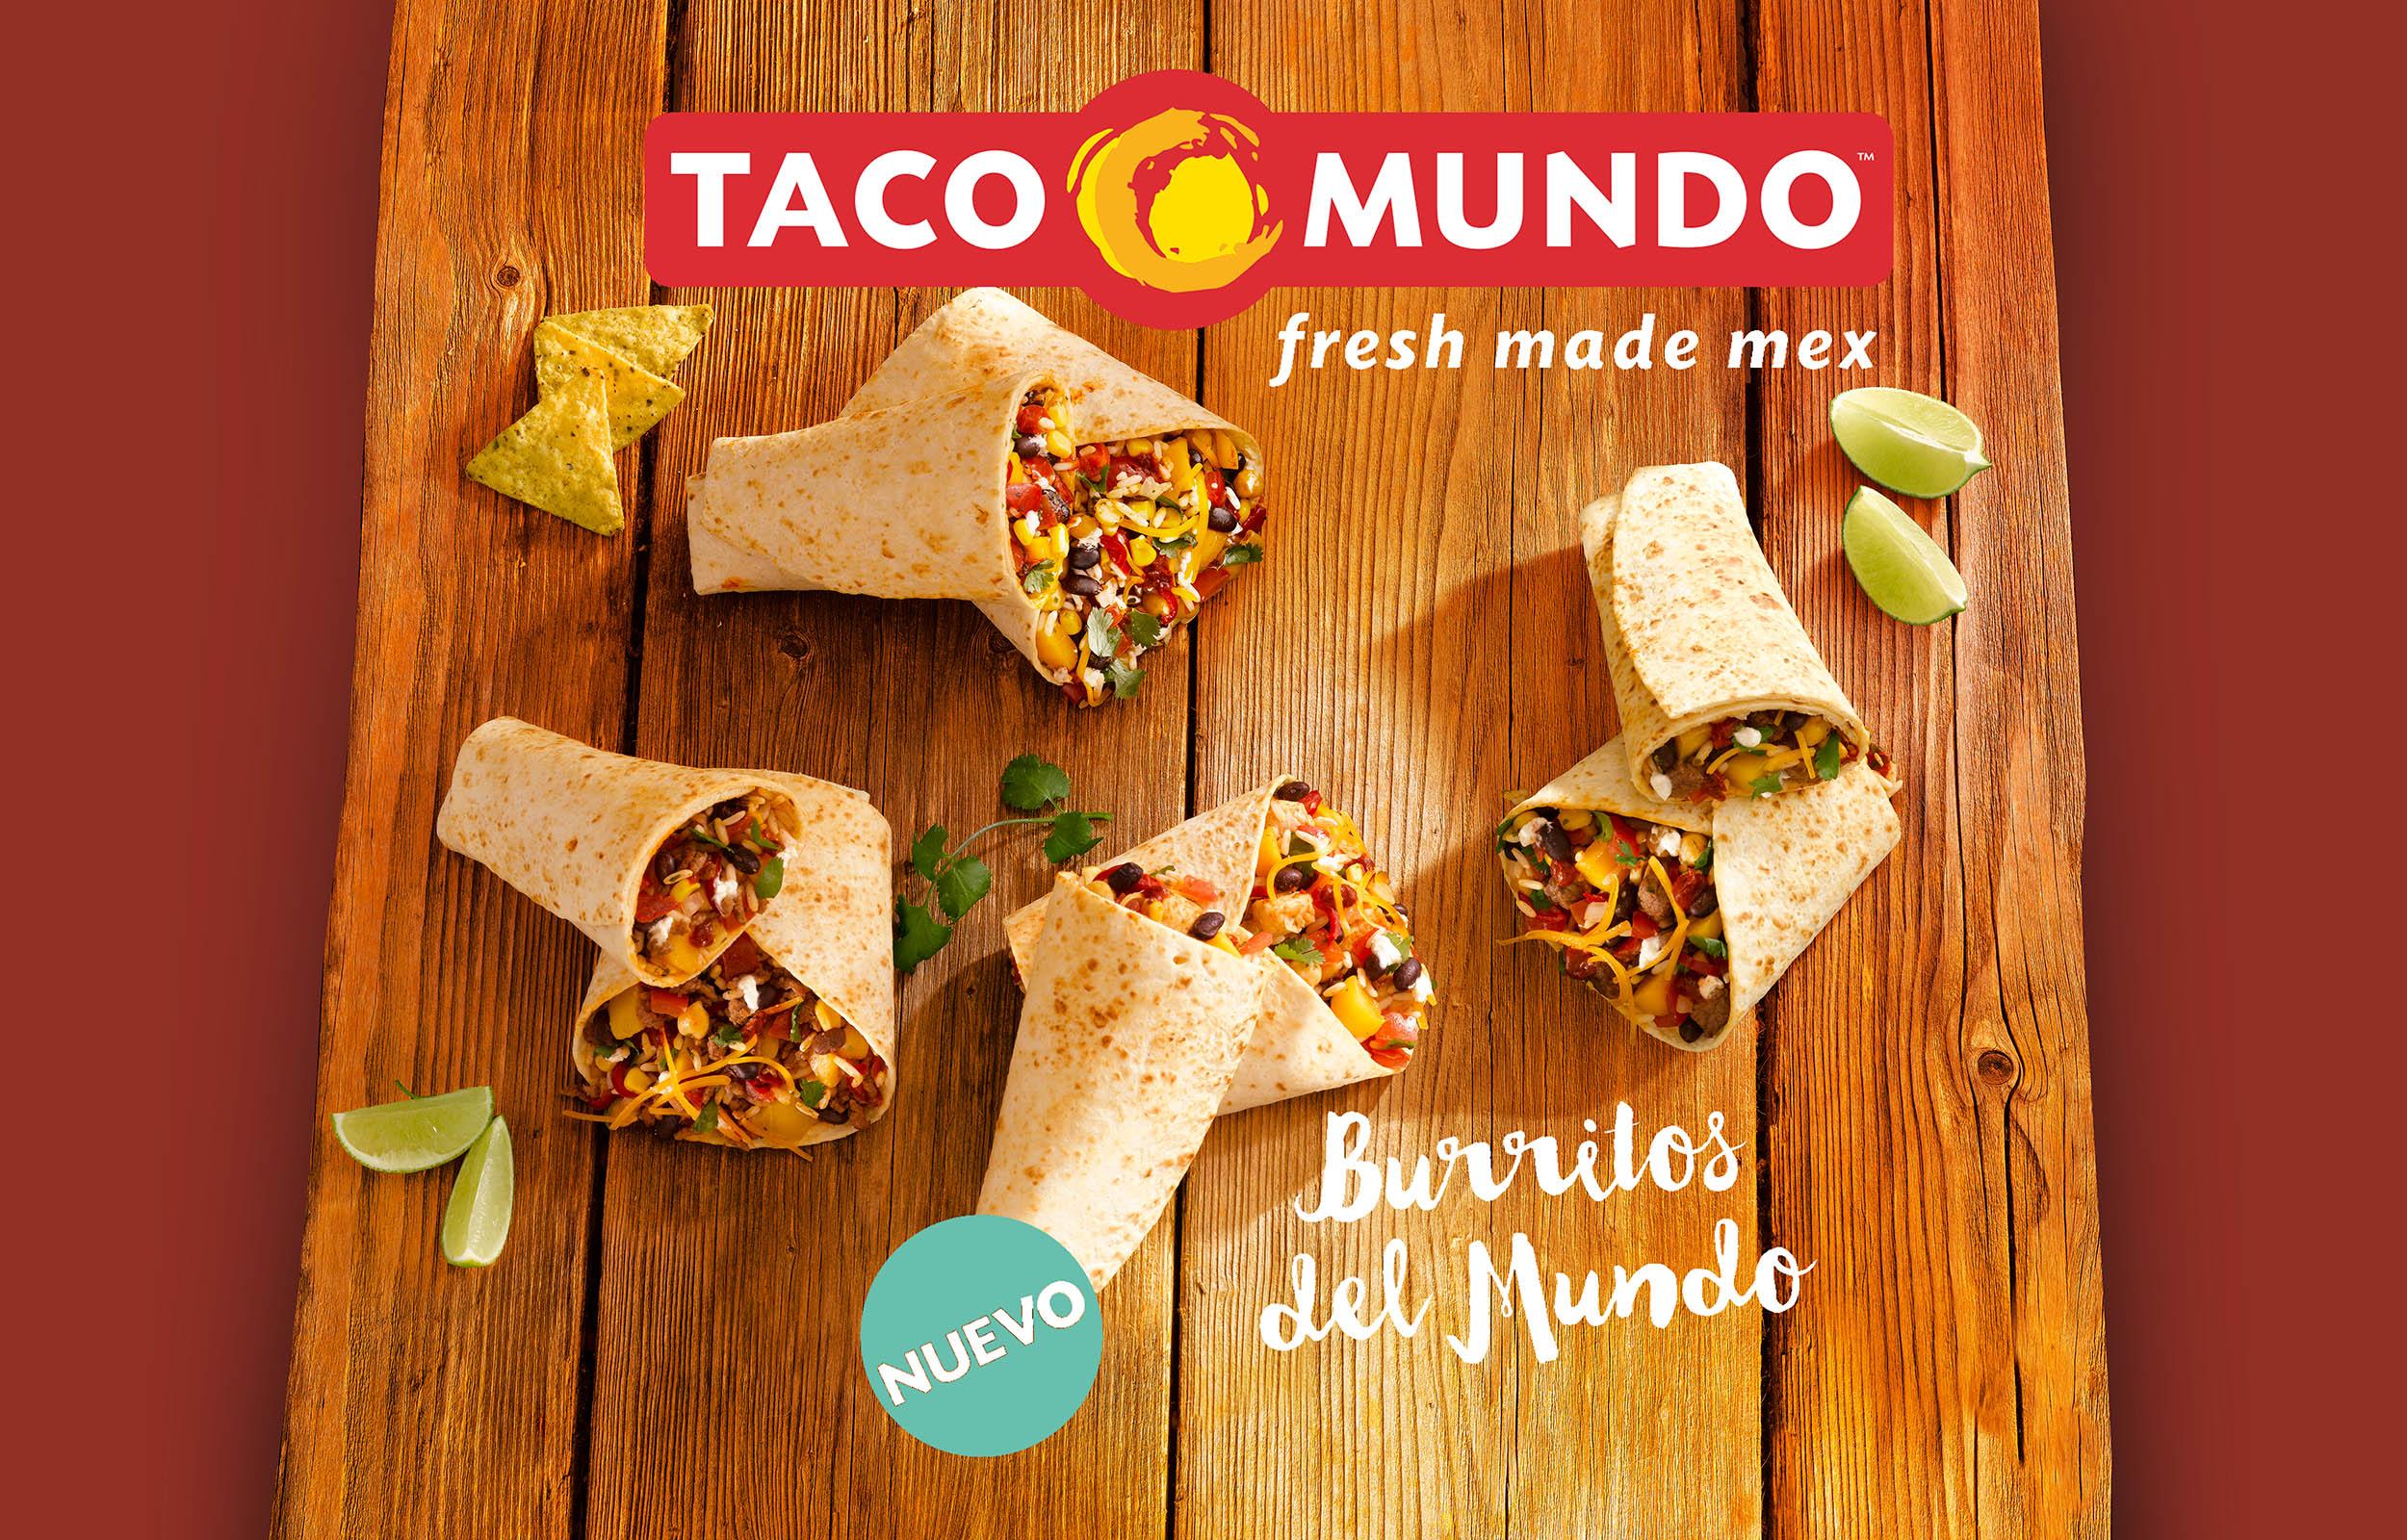 https://crisp.cc/wp-content/uploads/2019/09/Taco-Mundo-Burrito-top_15-sfeer2.jpg